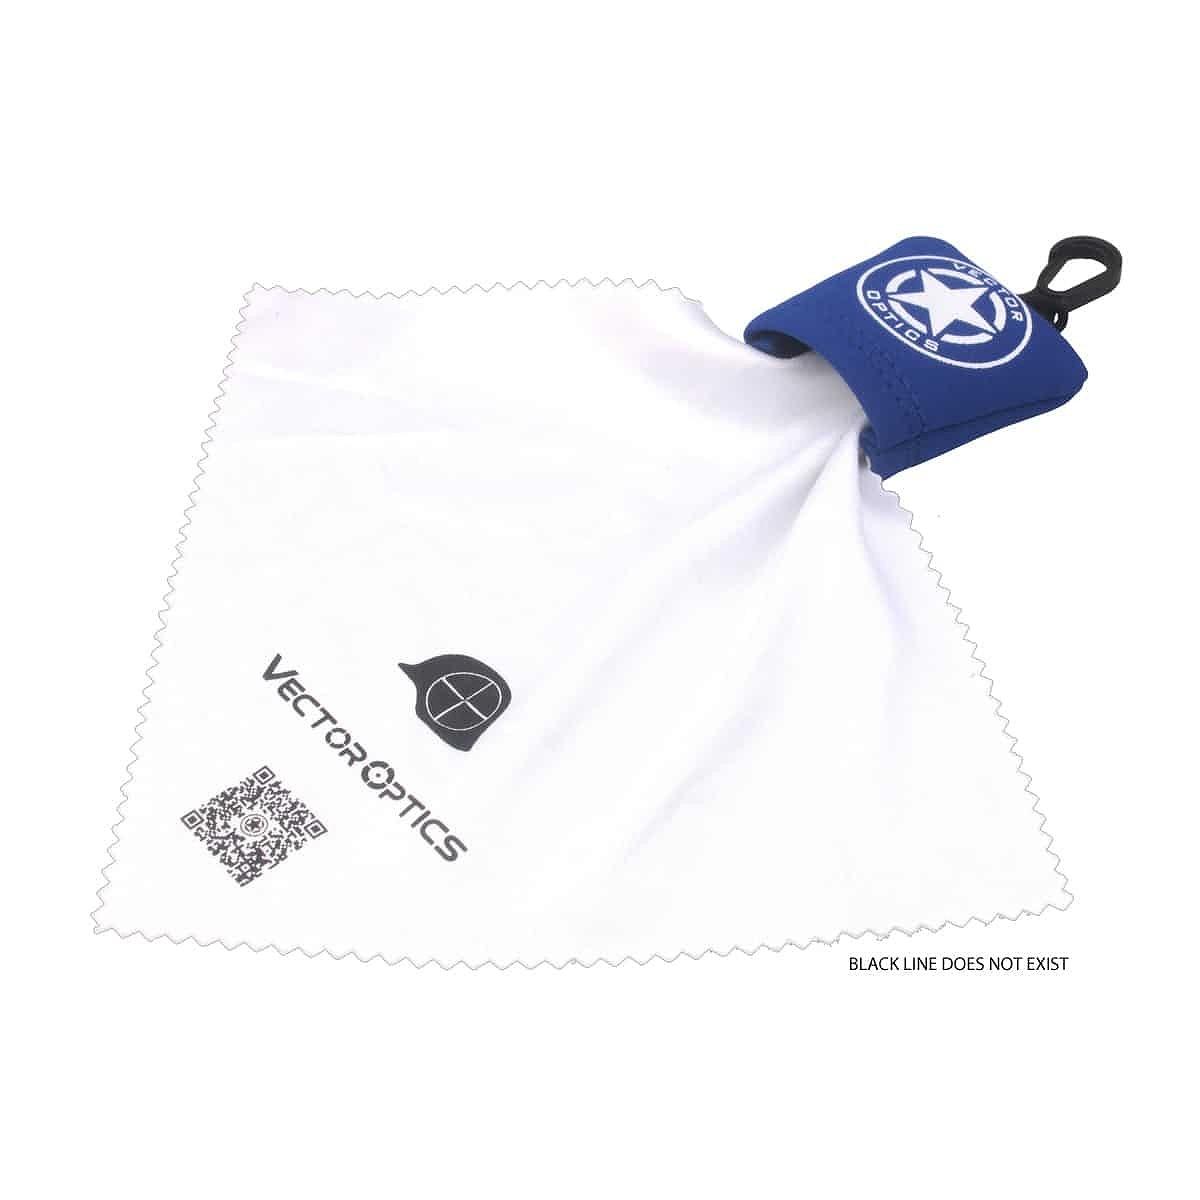 【お届け予定日: 5月30日】ベクターオプティクス  Deluxe Cleaning Cloth  Vector Optics SCCC-02